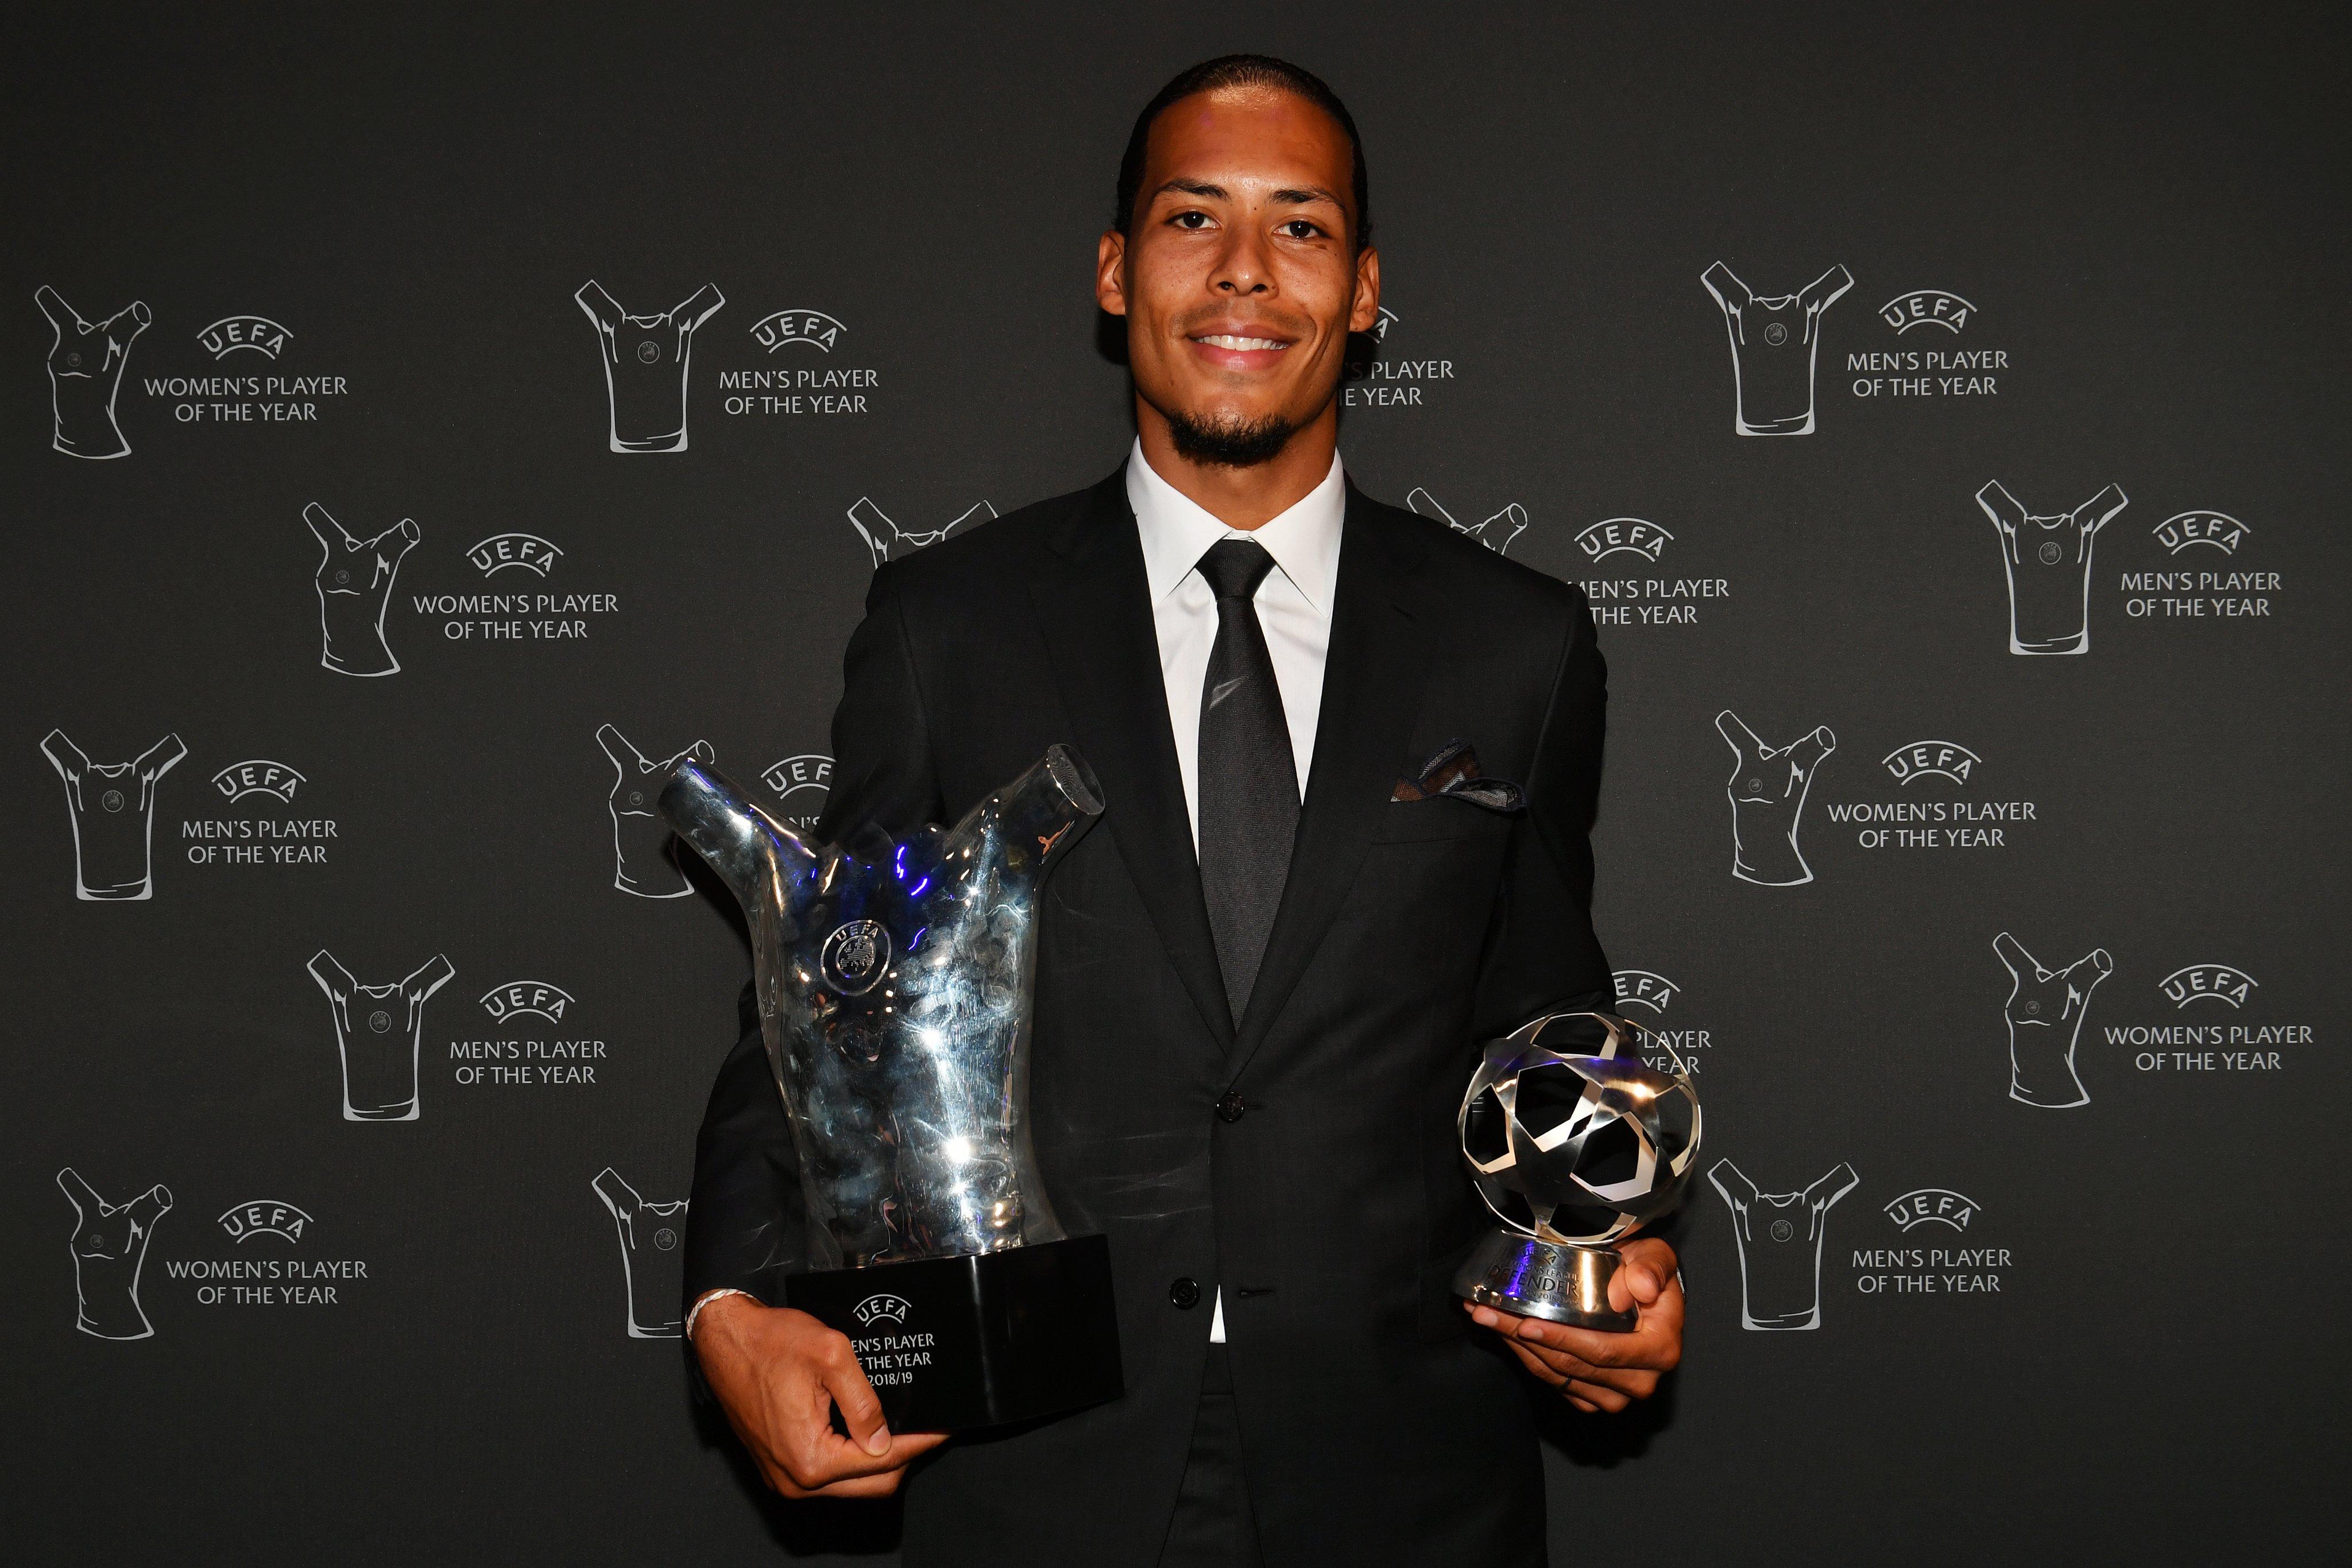 رسمياً: فان دايك أفضل مدافع في دوري الأبطال موسم 2018/19